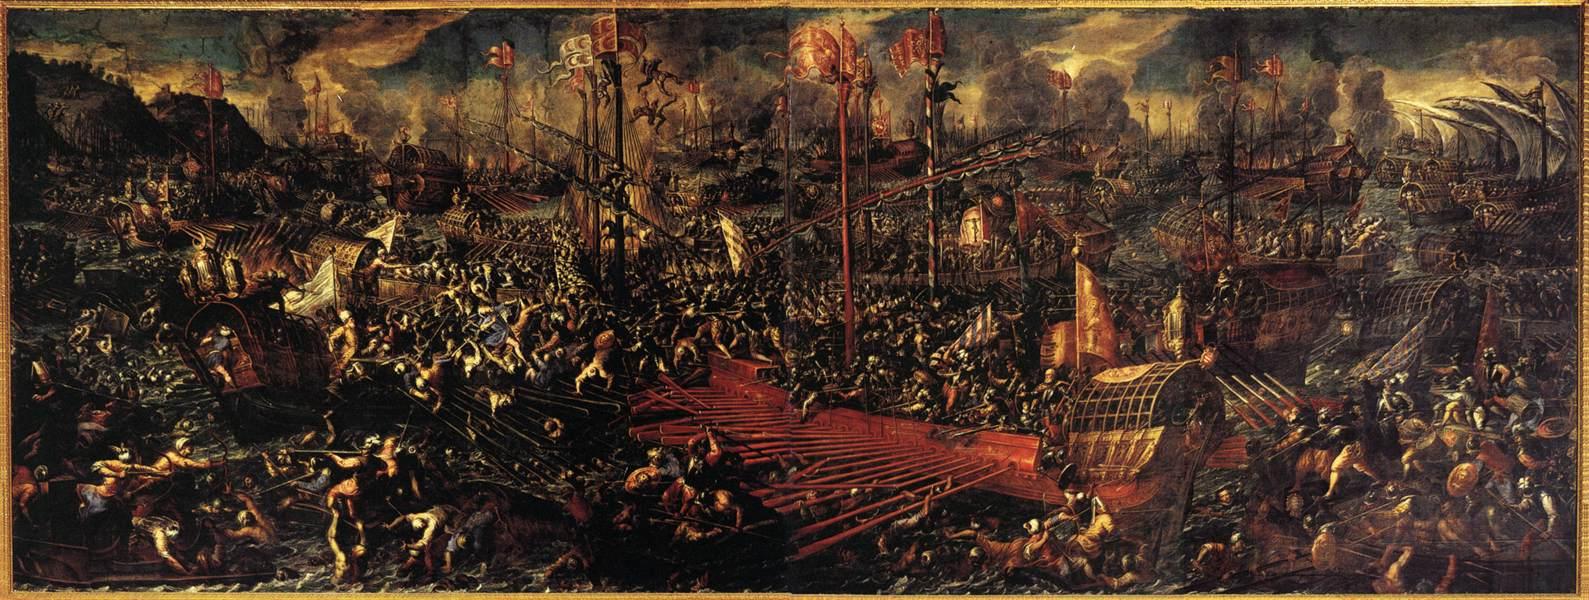 """1571 İnebahtı (Lepanto) Savaşı. Sokullu Mehmet Paşa, Venedik elçisine, """"Biz Kıbrıs'ı alarak kolunuzu kestik, siz ise İnebahtı'da sakalımızı"""" der. Elçiyse donanmanın bir sakal gibi yeniden çıkacağına ama Lepanto'da ölen tecrübeli denizcilerin yenilerinin yetişmesinin zor olduğuna işaret eder, adam gibi analoji yapılmasını ister. Sokullu cevaben """"Lepanto değil İnebahtı"""" der, ve güreşe tutuşurlar. kaynak:TRUEhiSTORYbro.com"""